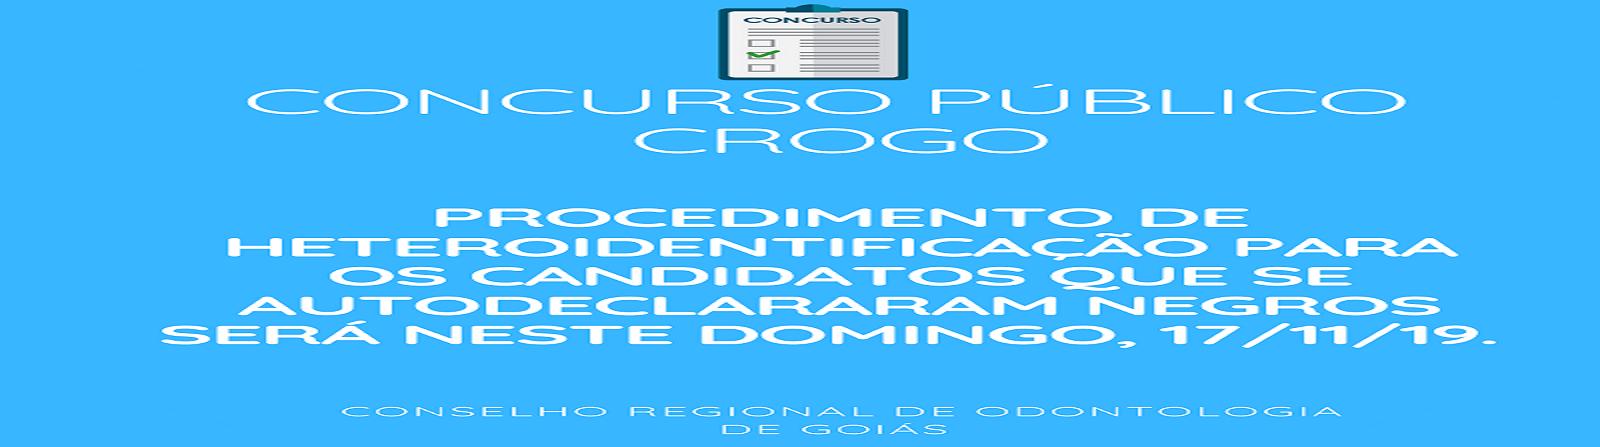 Procedimento_de_Heteroidentificao_-_1600_x_447